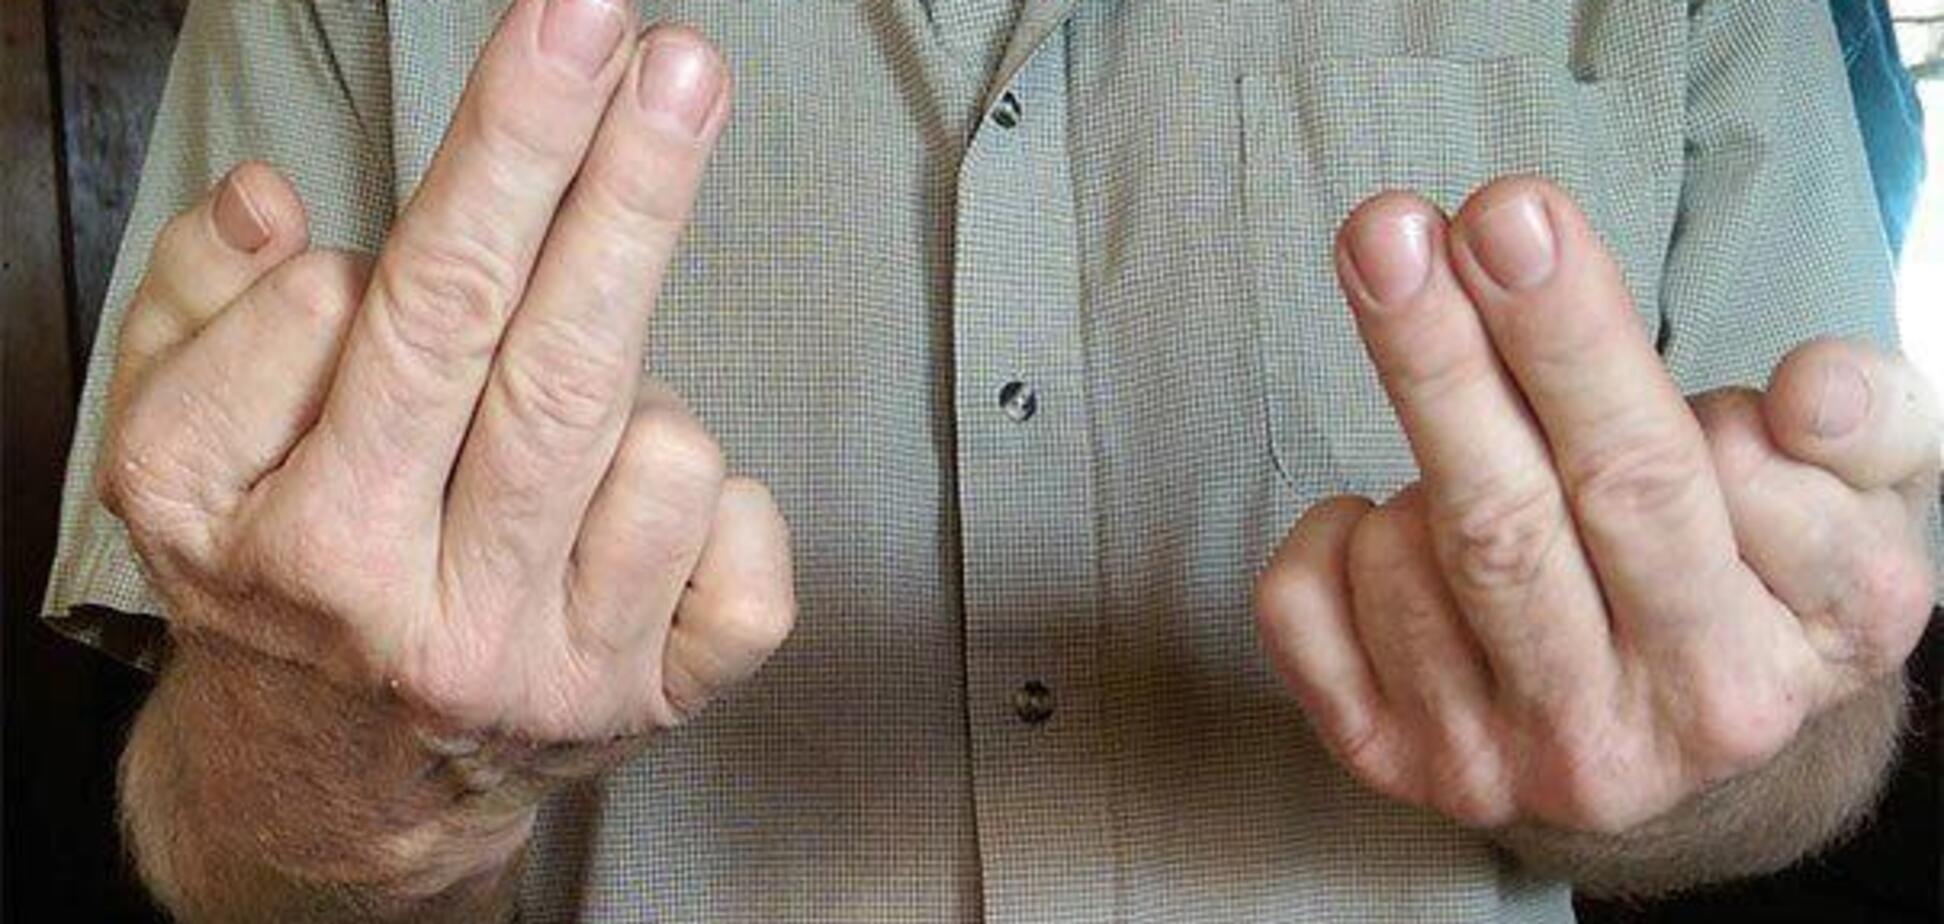 Шесть пальцев и языки с бахромой: как выглядят 'Люди Икс' среди нас